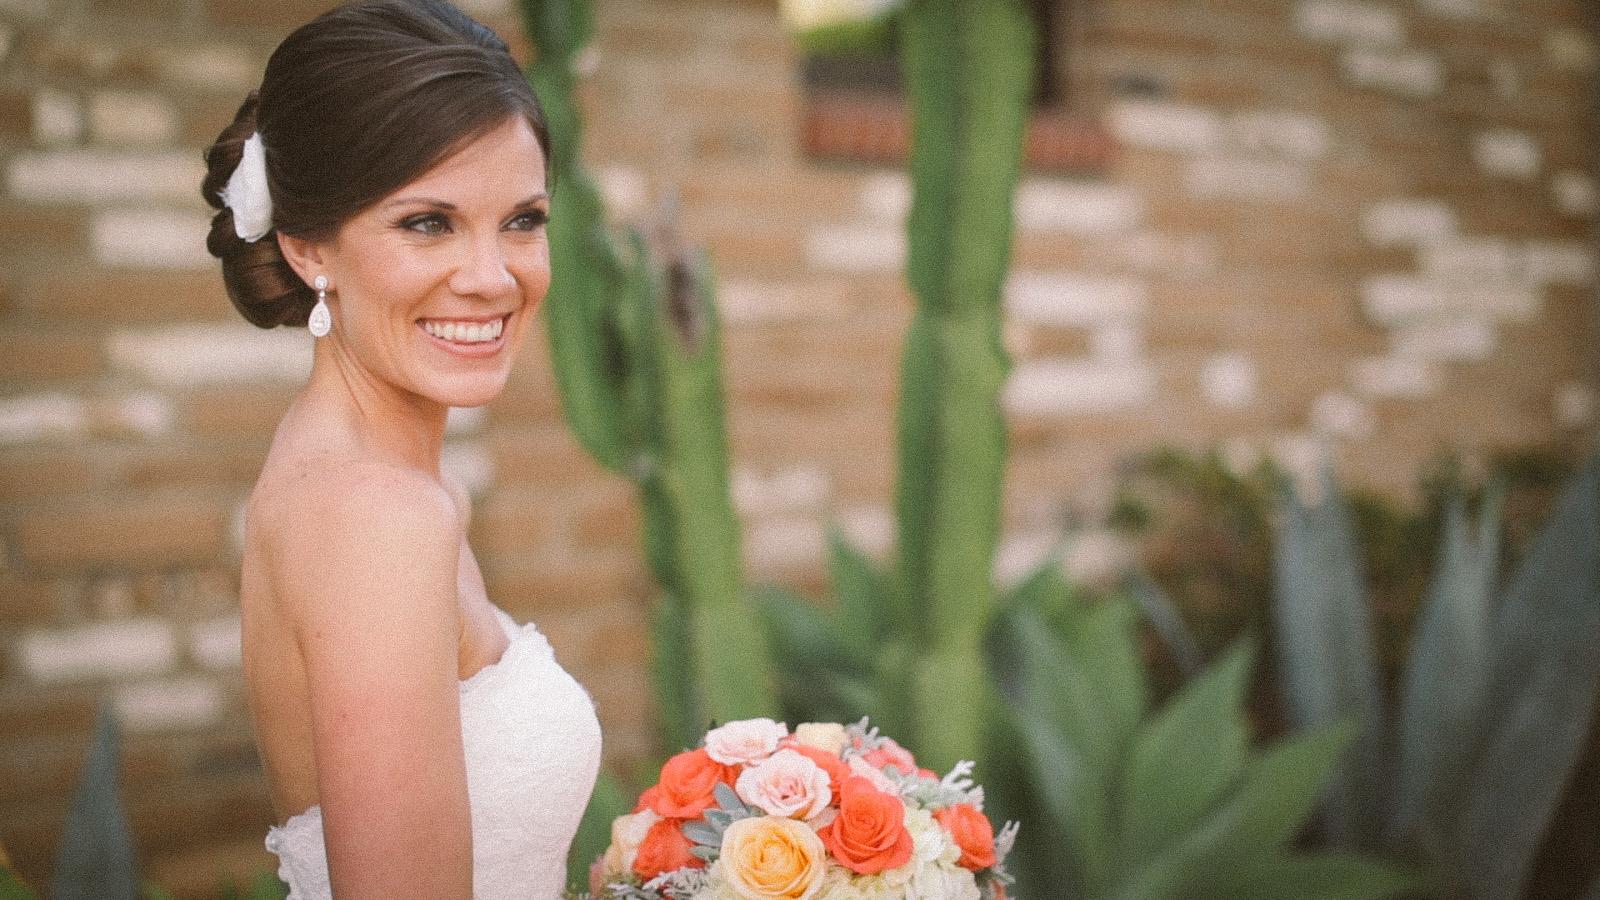 Bride with bouquet at Estancia.